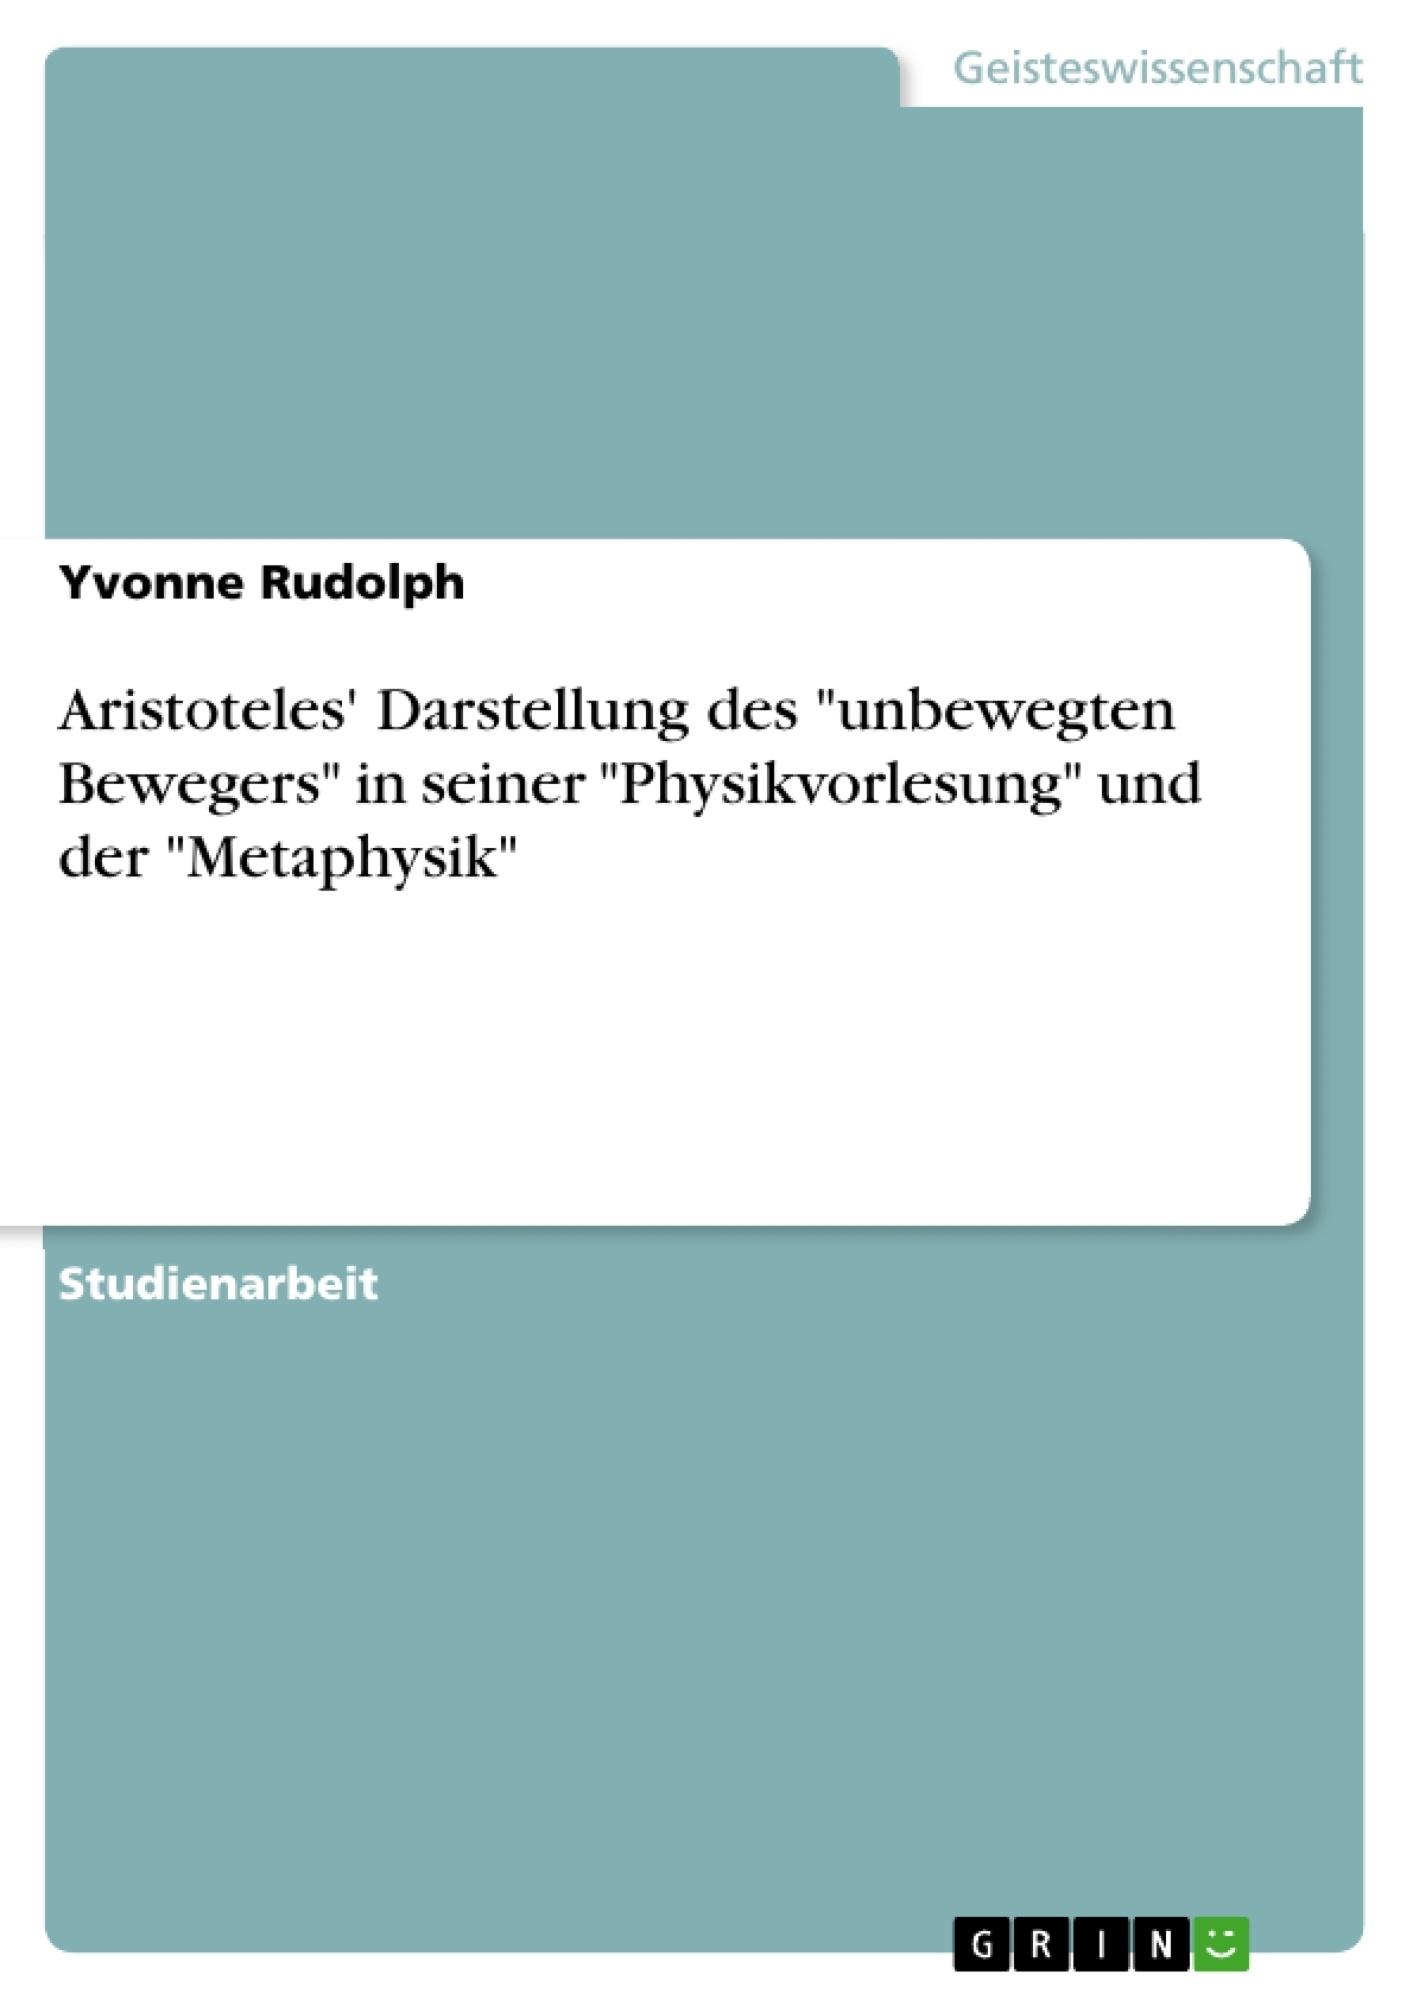 """Titel: Aristoteles' Darstellung des """"unbewegten Bewegers"""" in seiner """"Physikvorlesung"""" und der """"Metaphysik"""""""